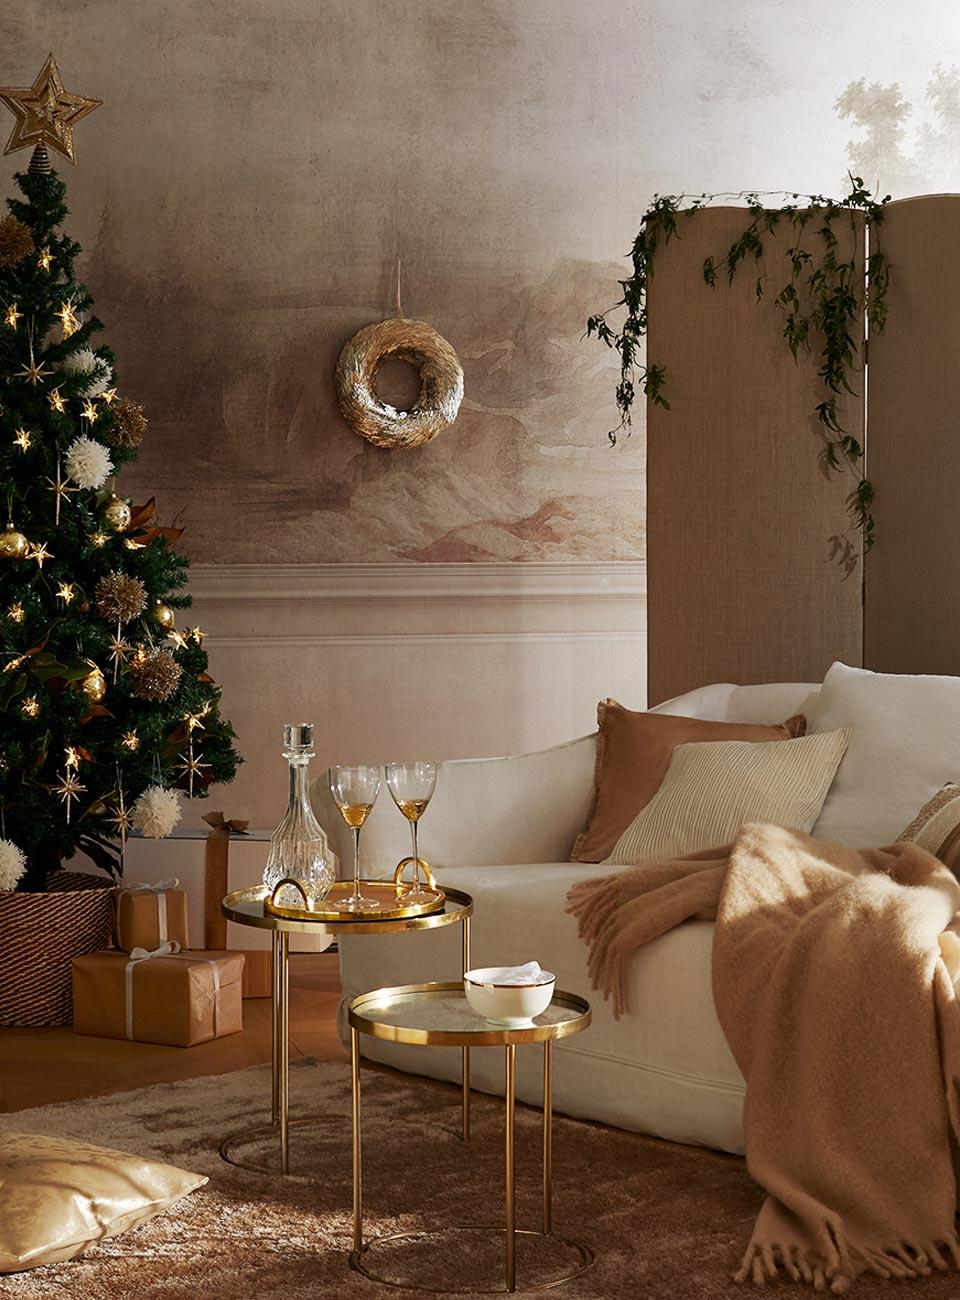 Decoratiuni de Craciun cu Accente Metalice - Zara Home